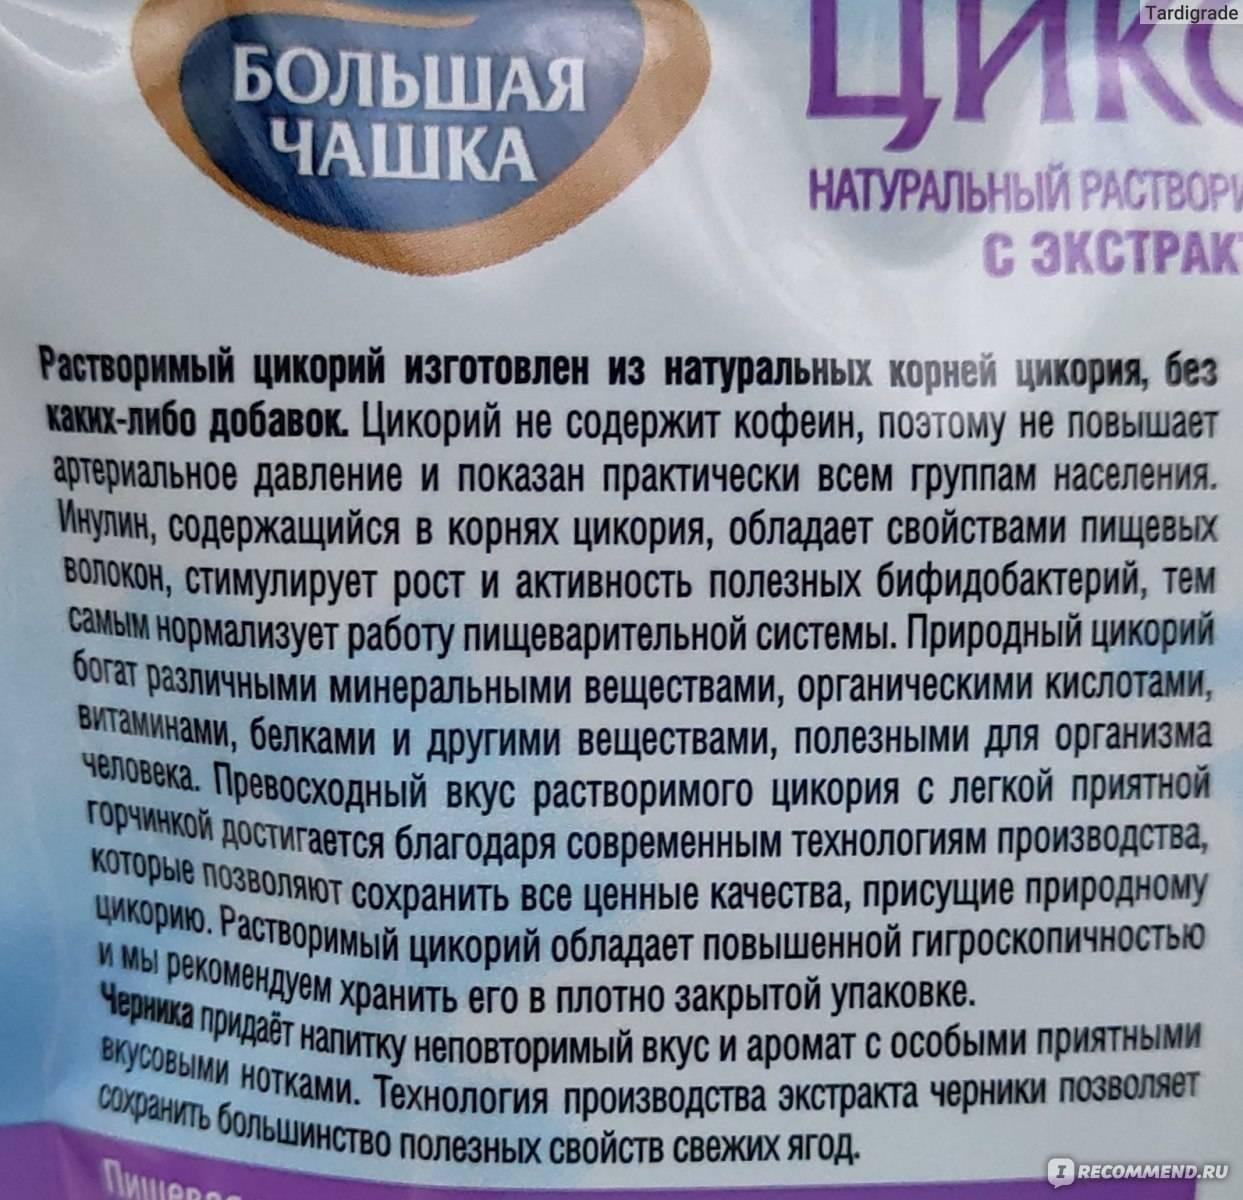 Цикорий - полезные и опасные свойства цикория